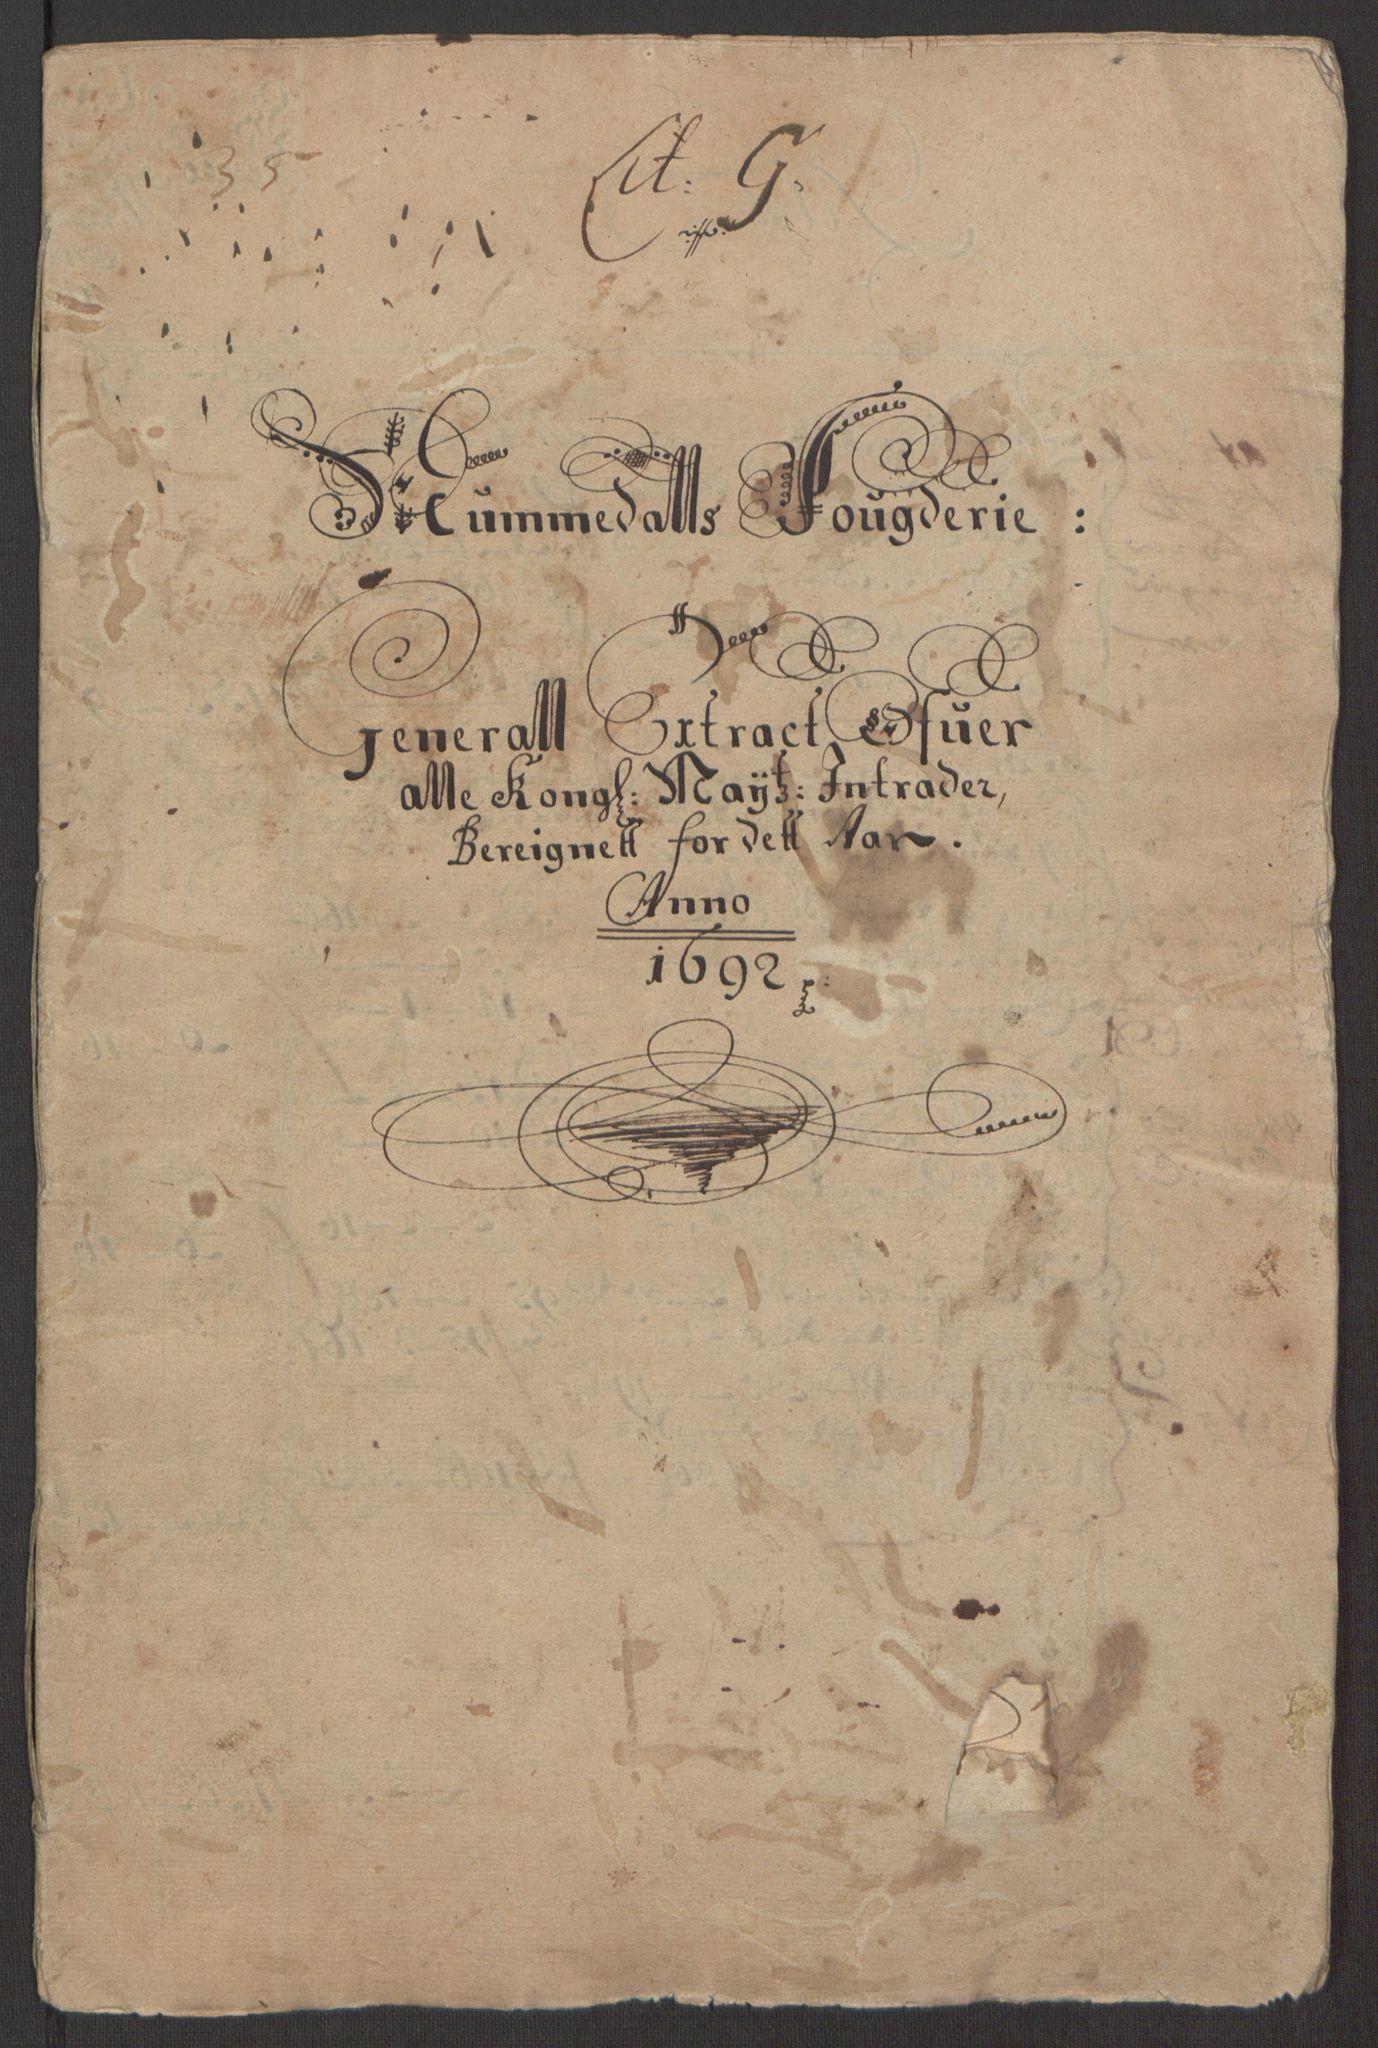 RA, Rentekammeret inntil 1814, Reviderte regnskaper, Fogderegnskap, R64/L4424: Fogderegnskap Namdal, 1692-1695, s. 3